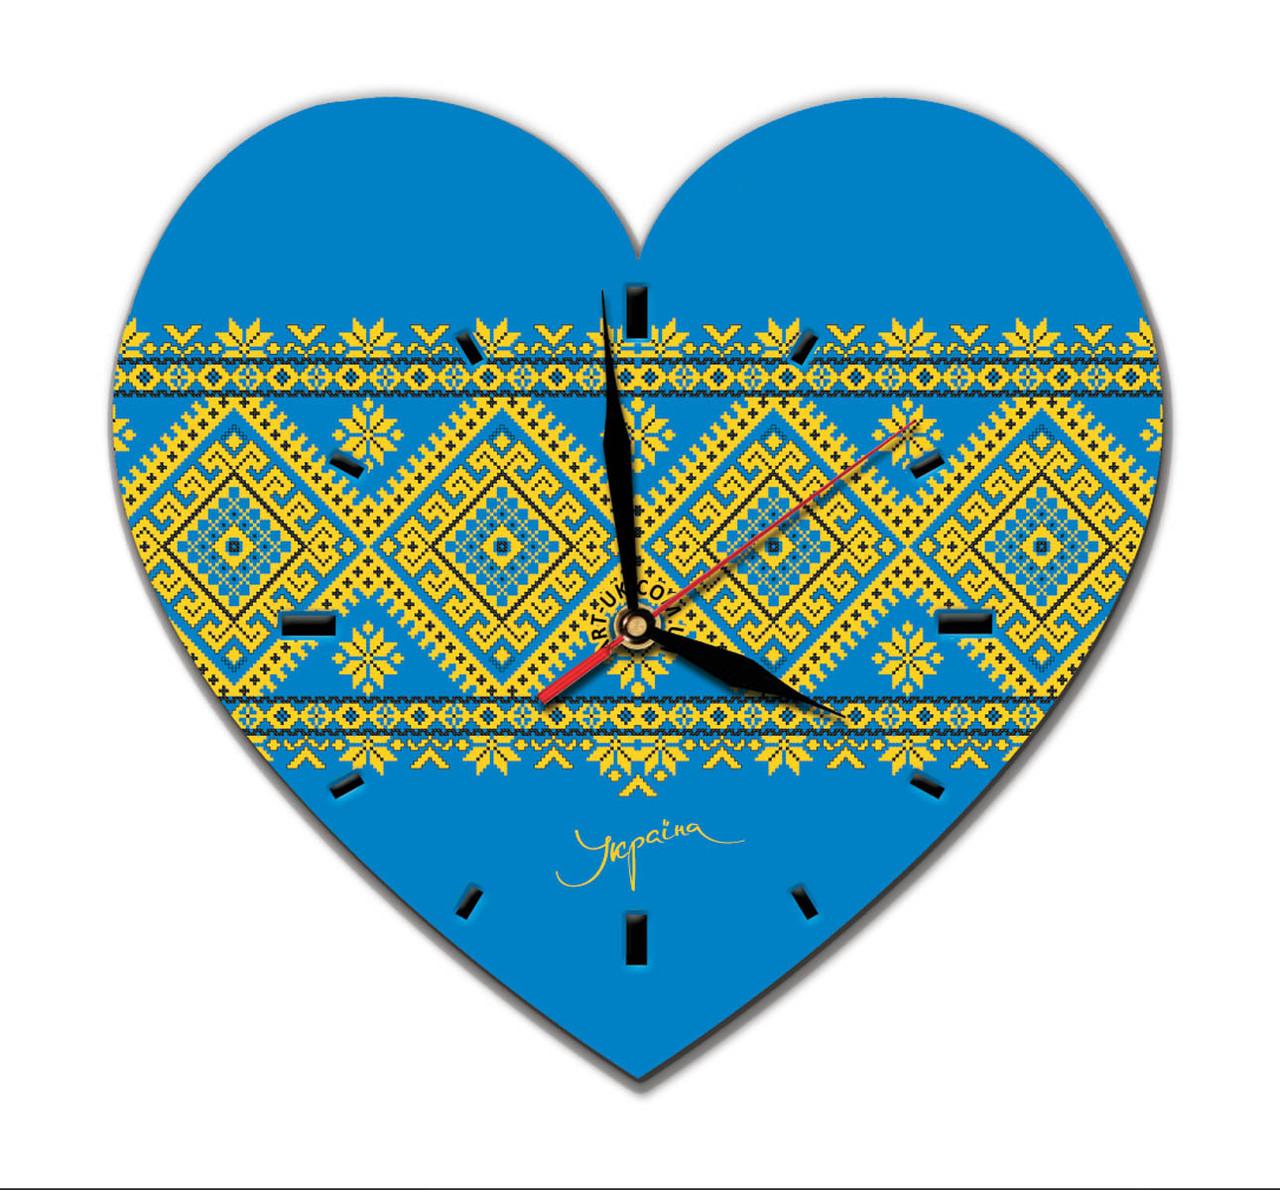 Часы фигурные Сердце Украины, вышиванка  30*28 см